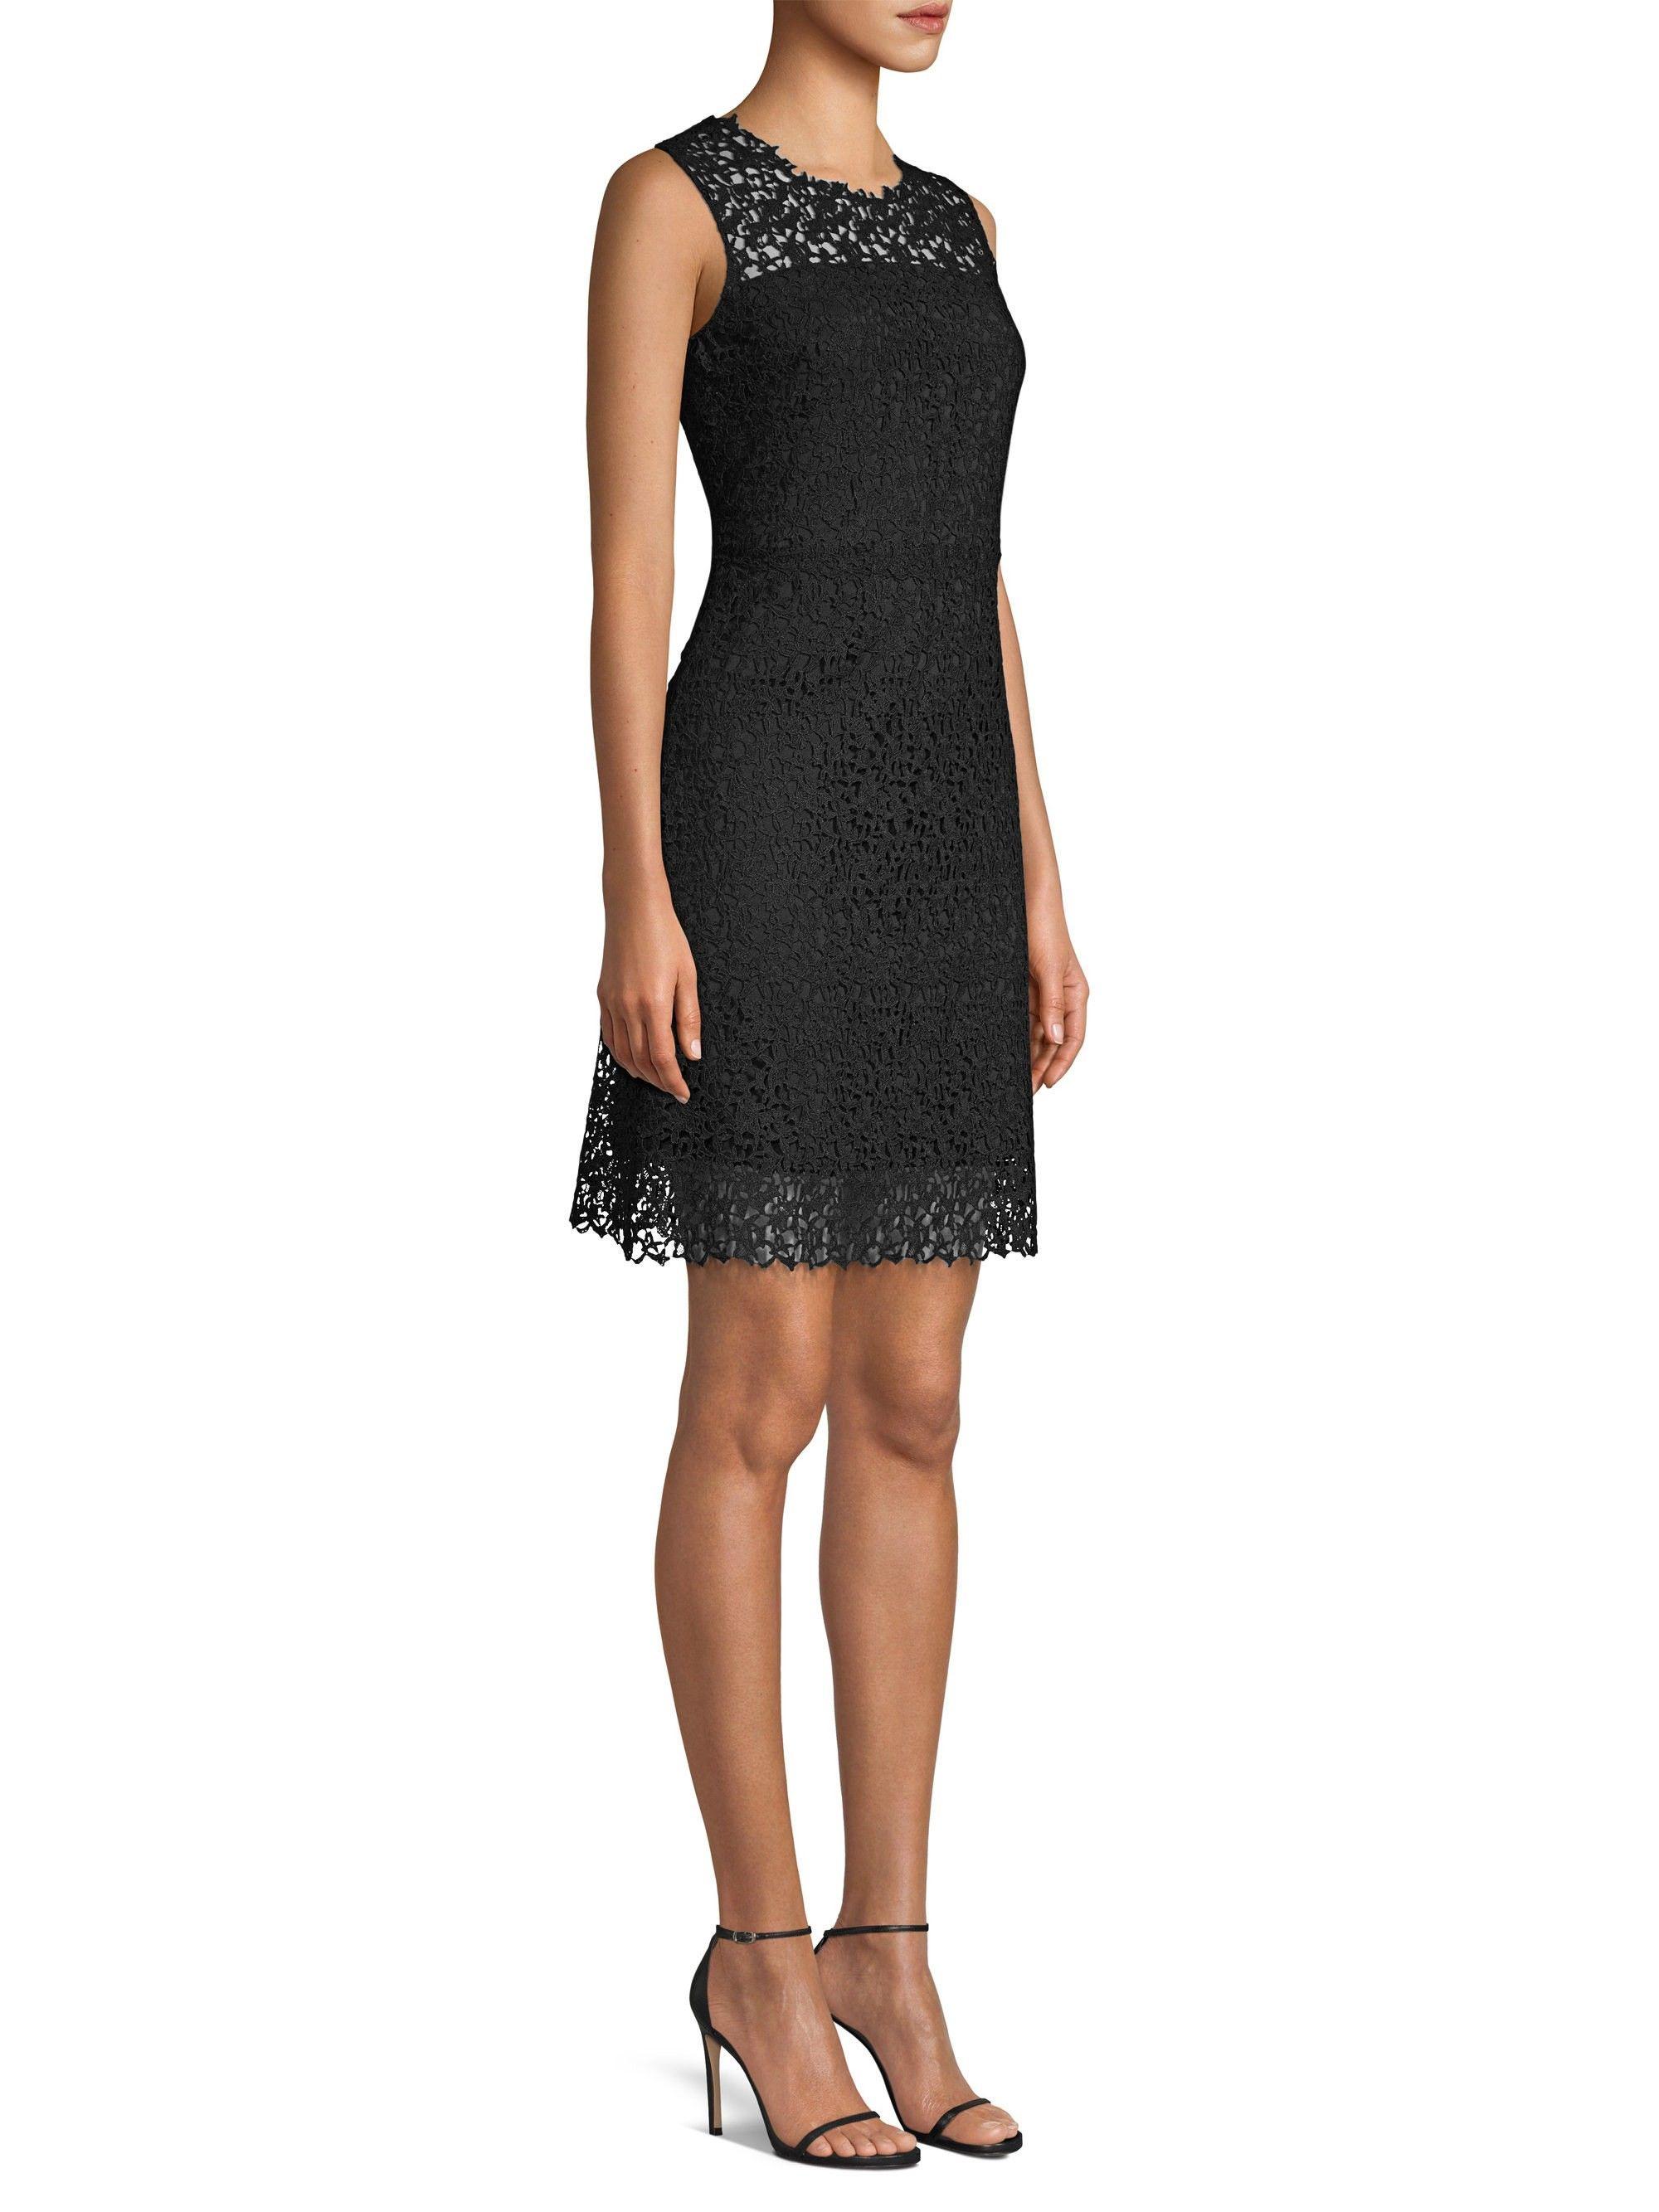 Elie Tahari Ophelia Lace Dress Black 14